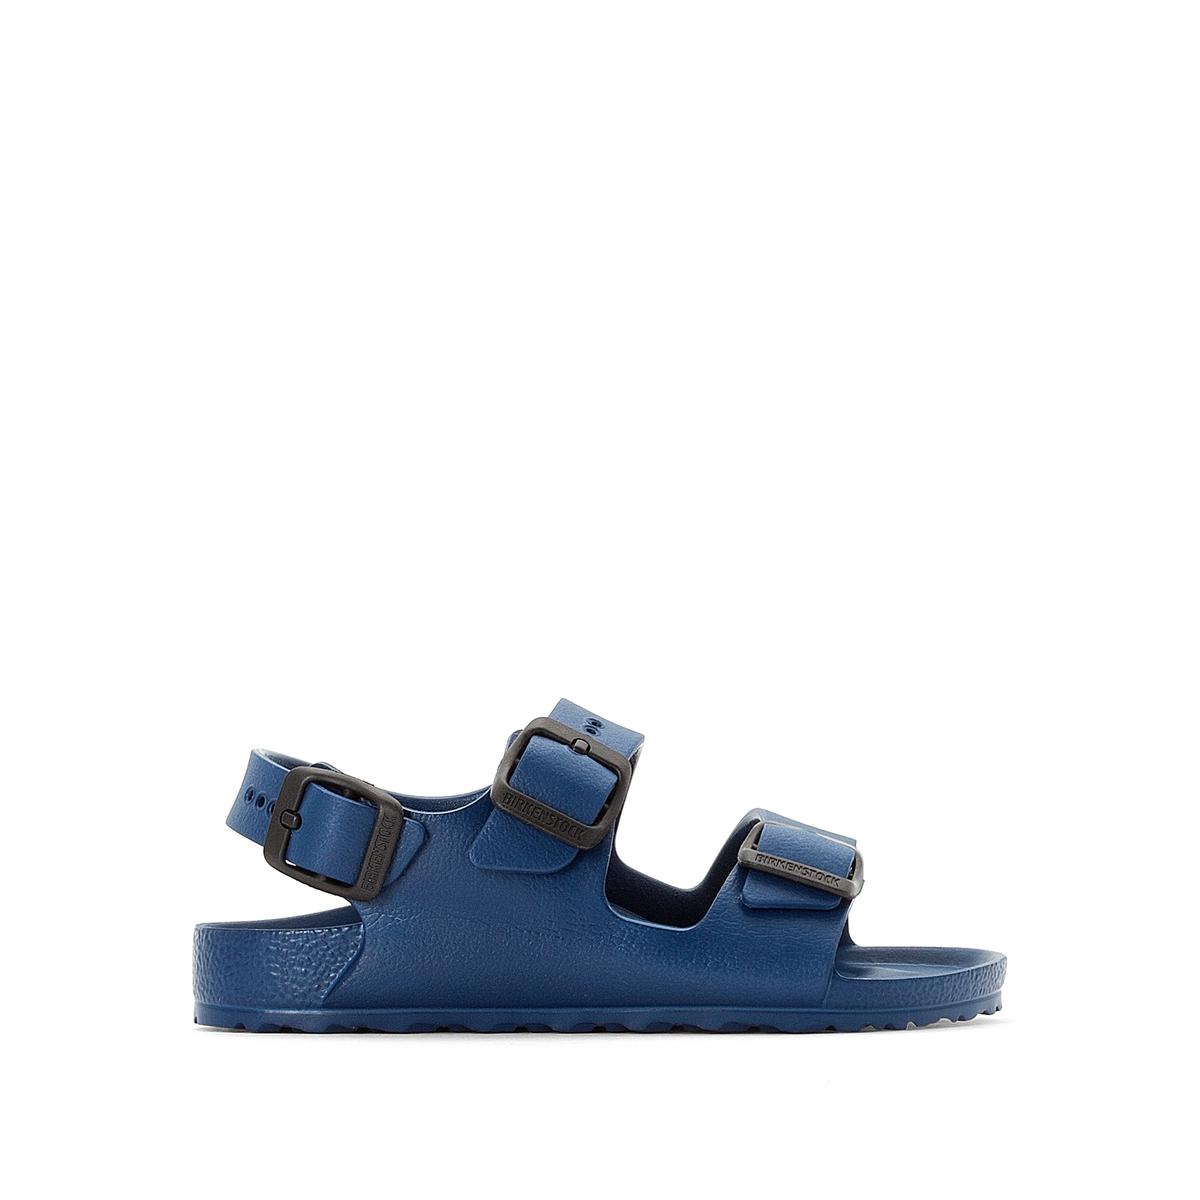 Сандалии на плоском каблуке Milano, размеры 24-34